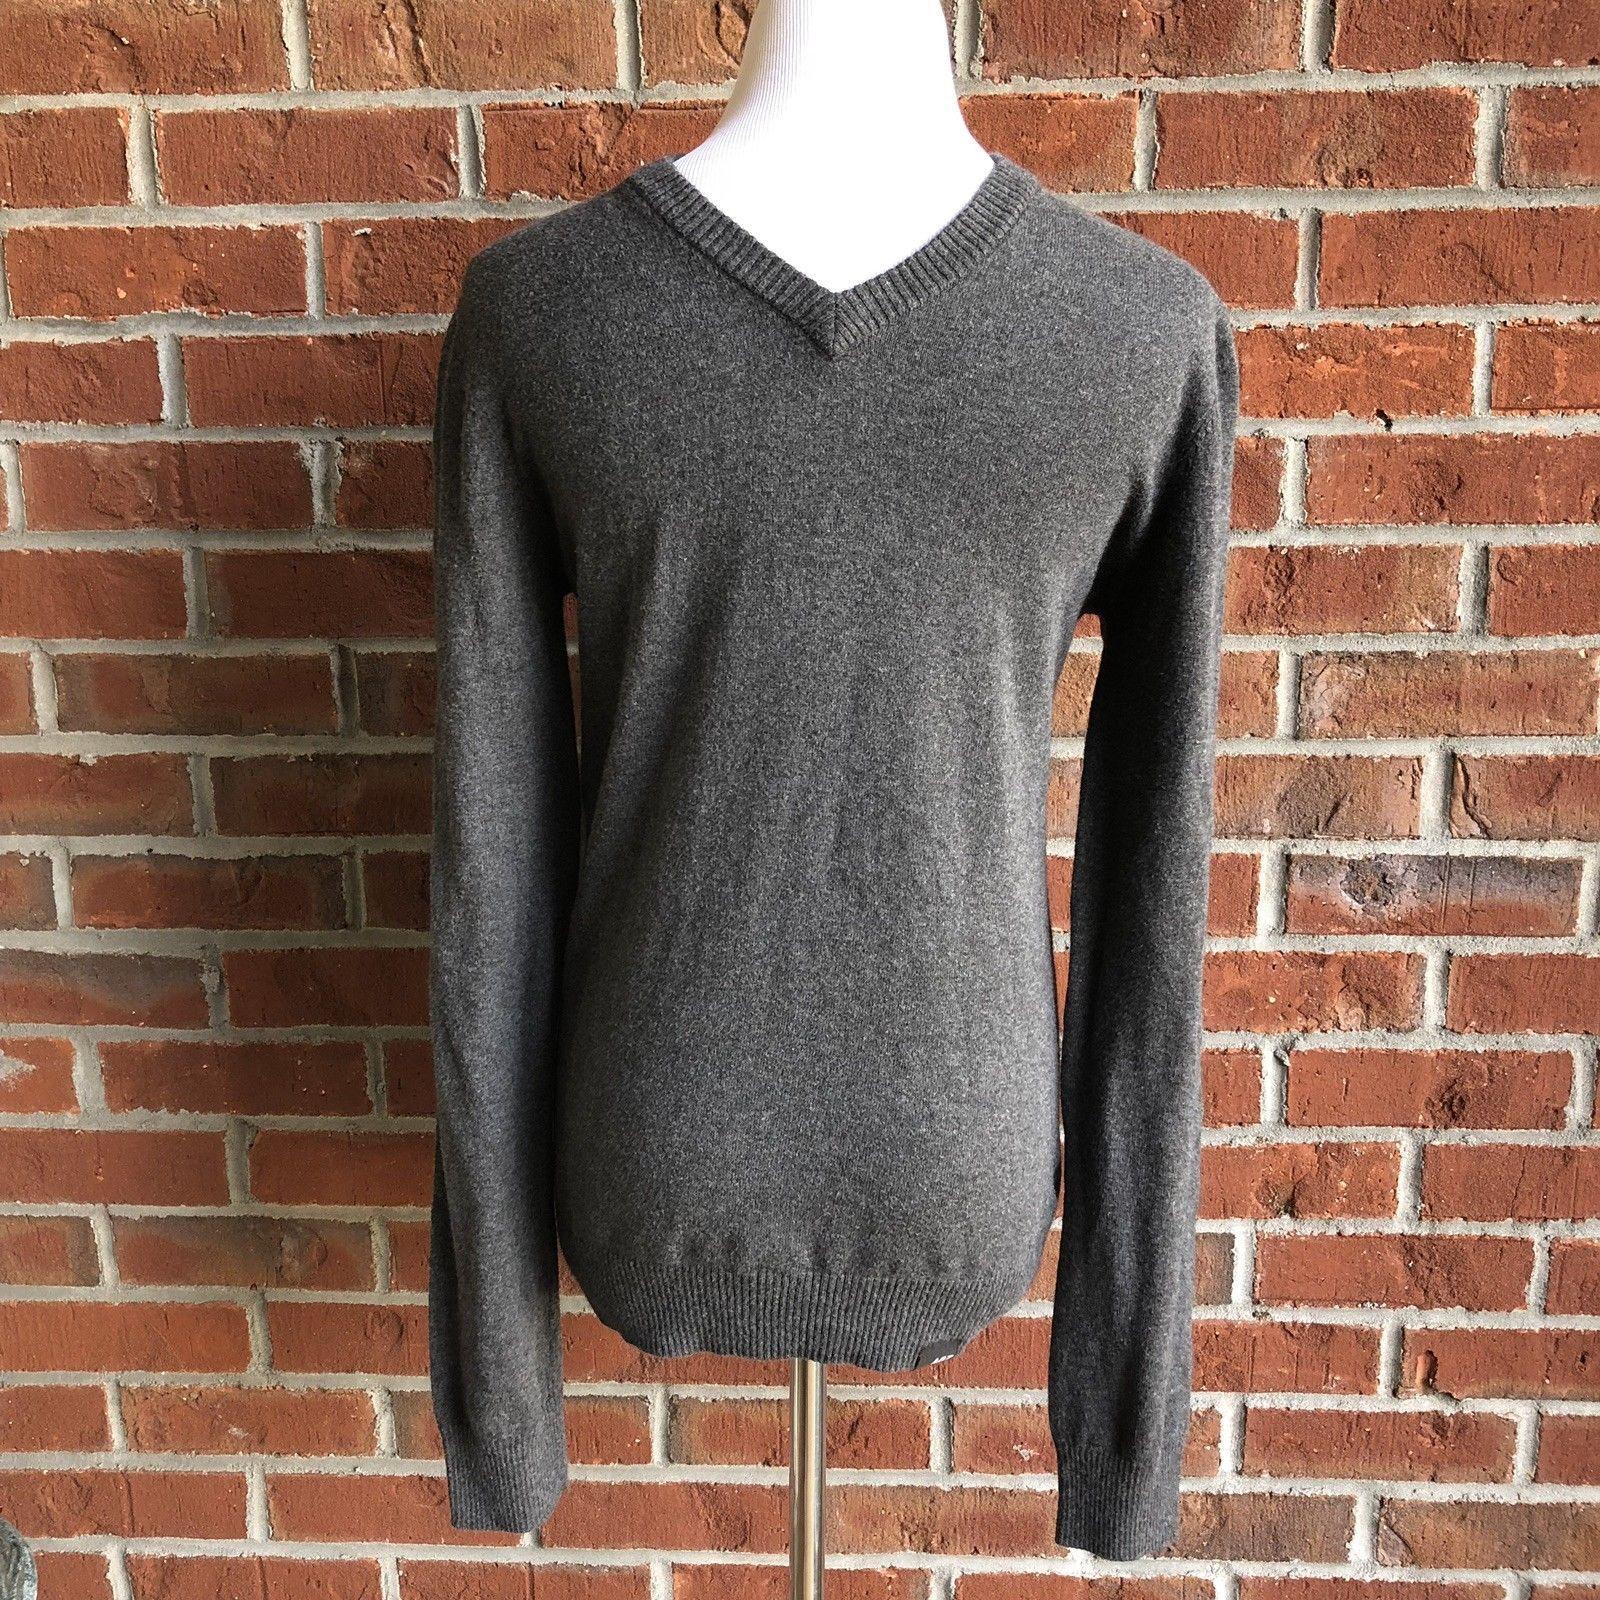 Aeropostale V-neck Sweater - Size XS